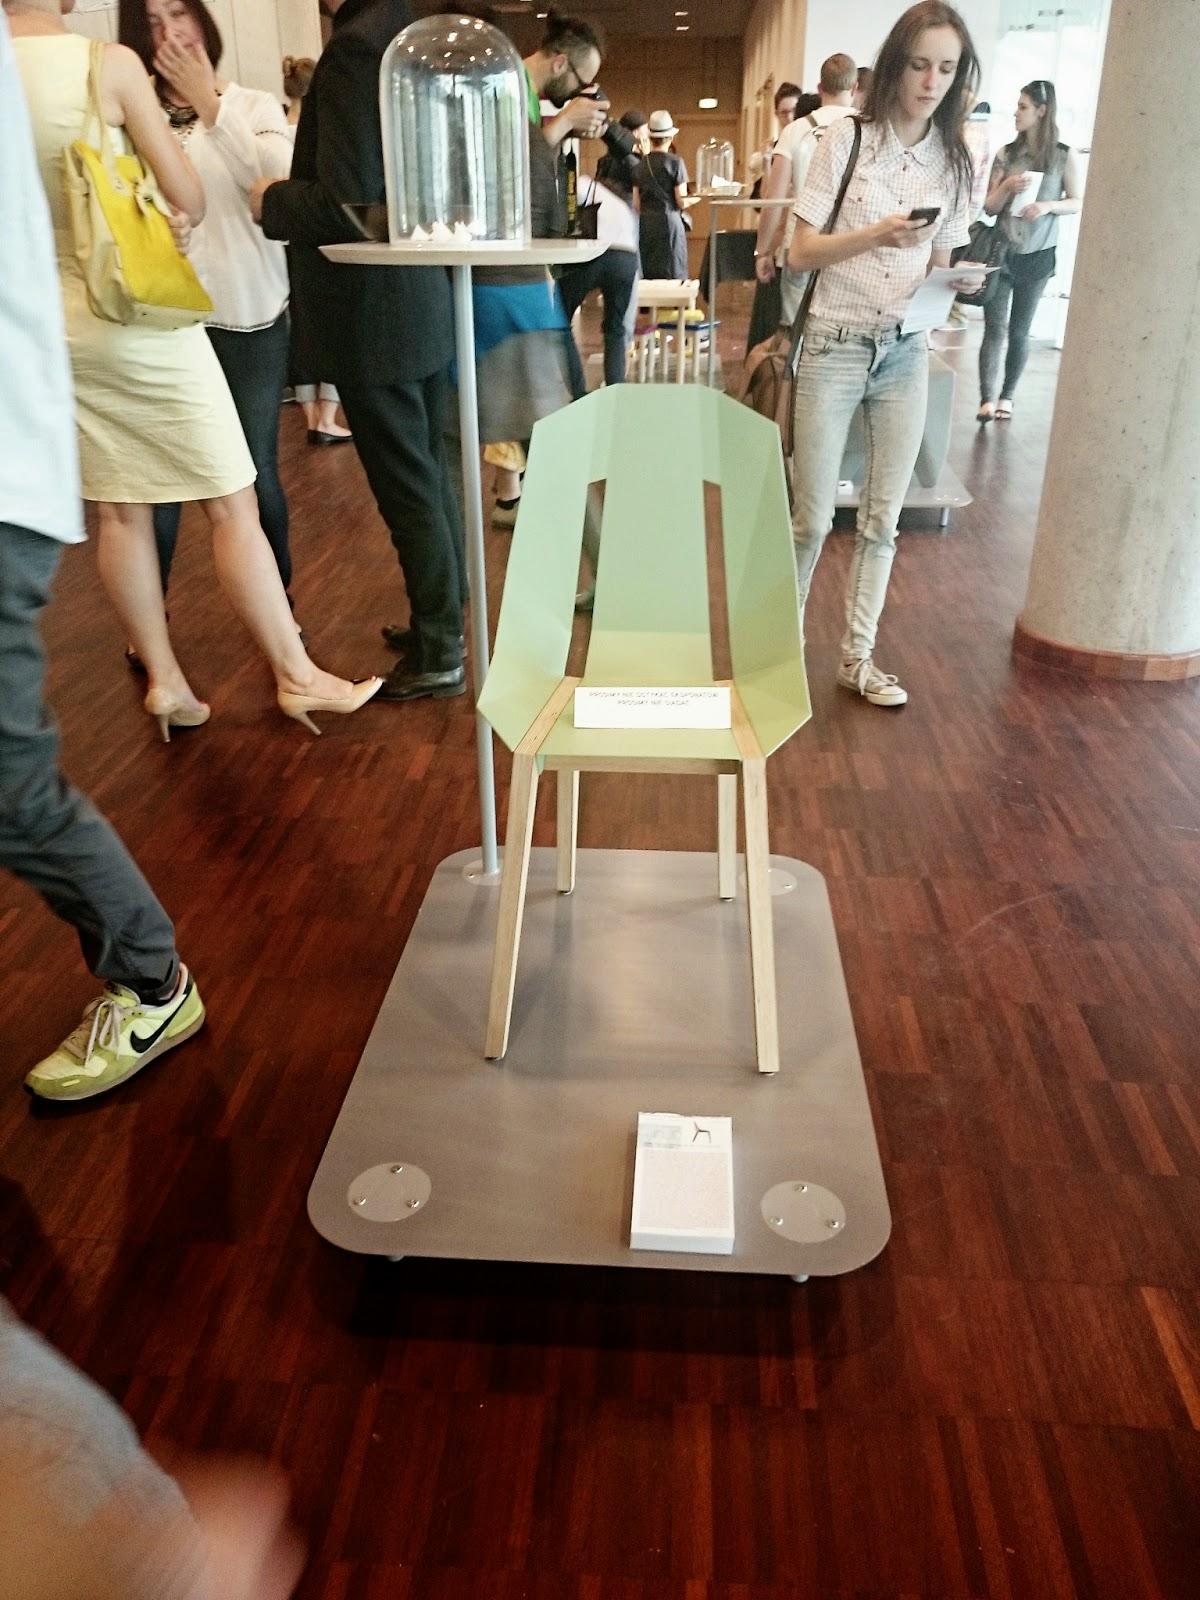 zielone krzesło,GDD,Gdynia,młodzi na start,pokój dziecka,dzieci,meble dziecięce,meble dla dzieci,design,ekodesign,smakowanie sztuki,